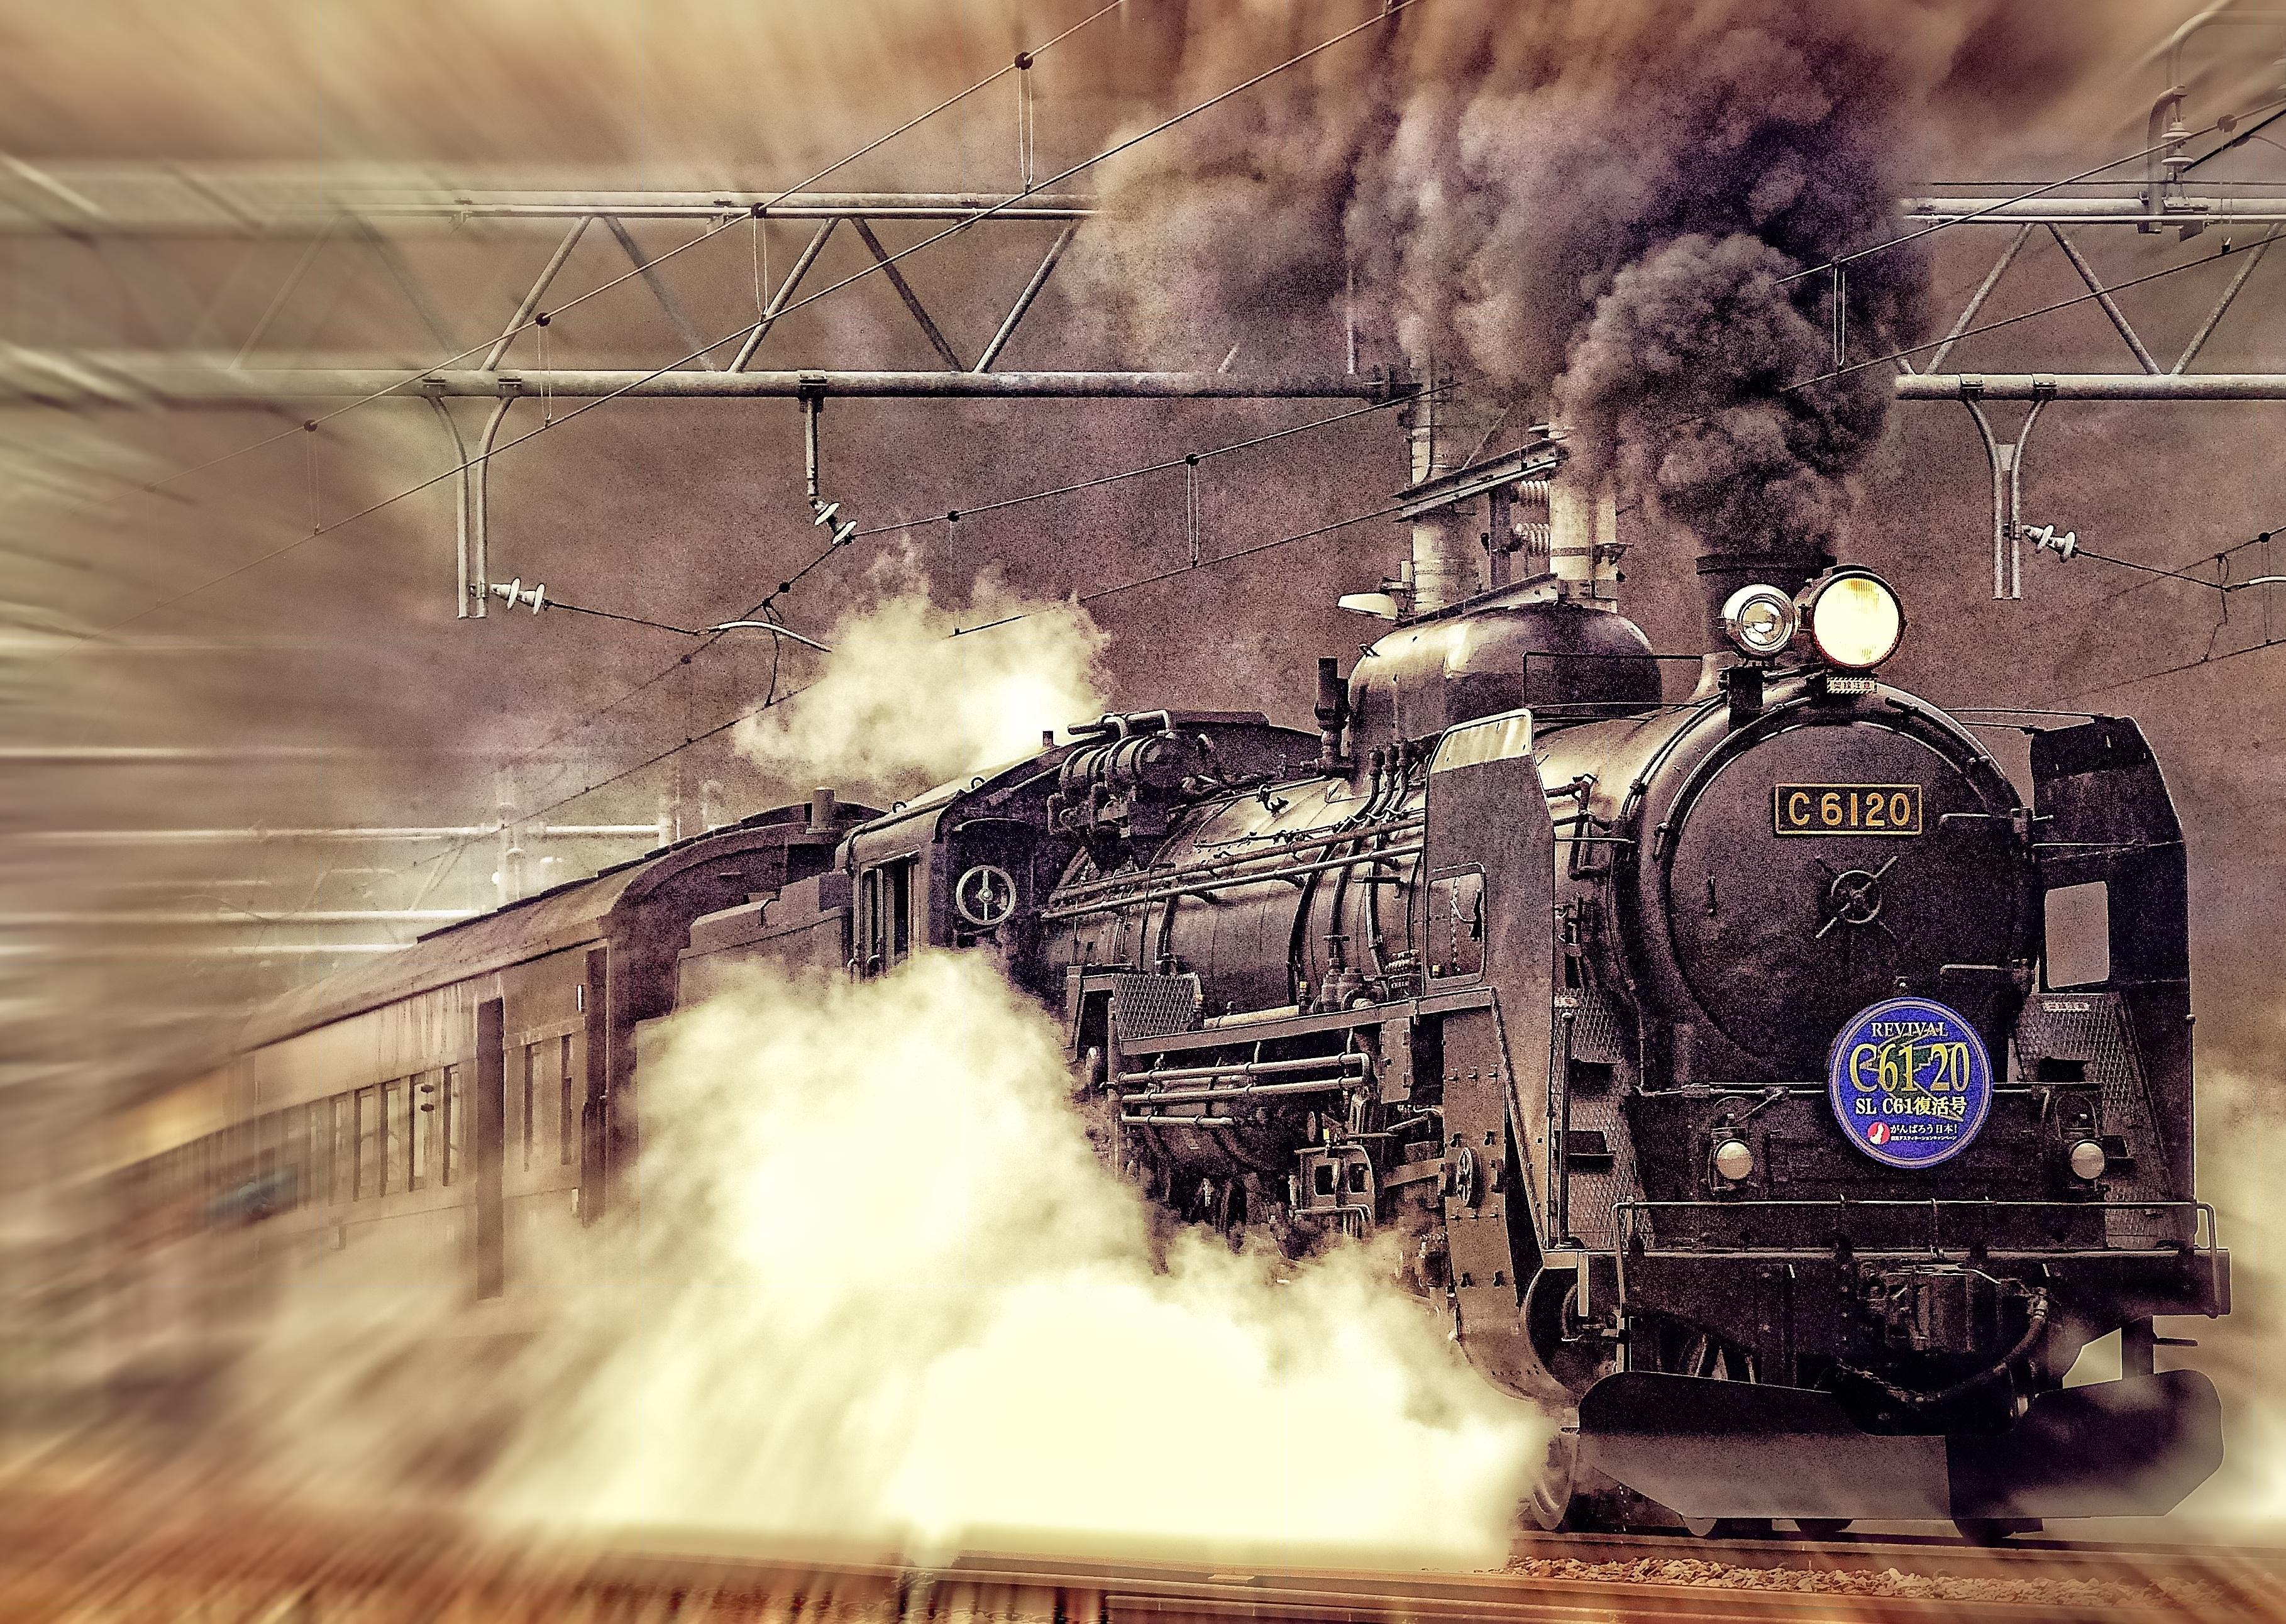 Издательства, картинка с локомотивом